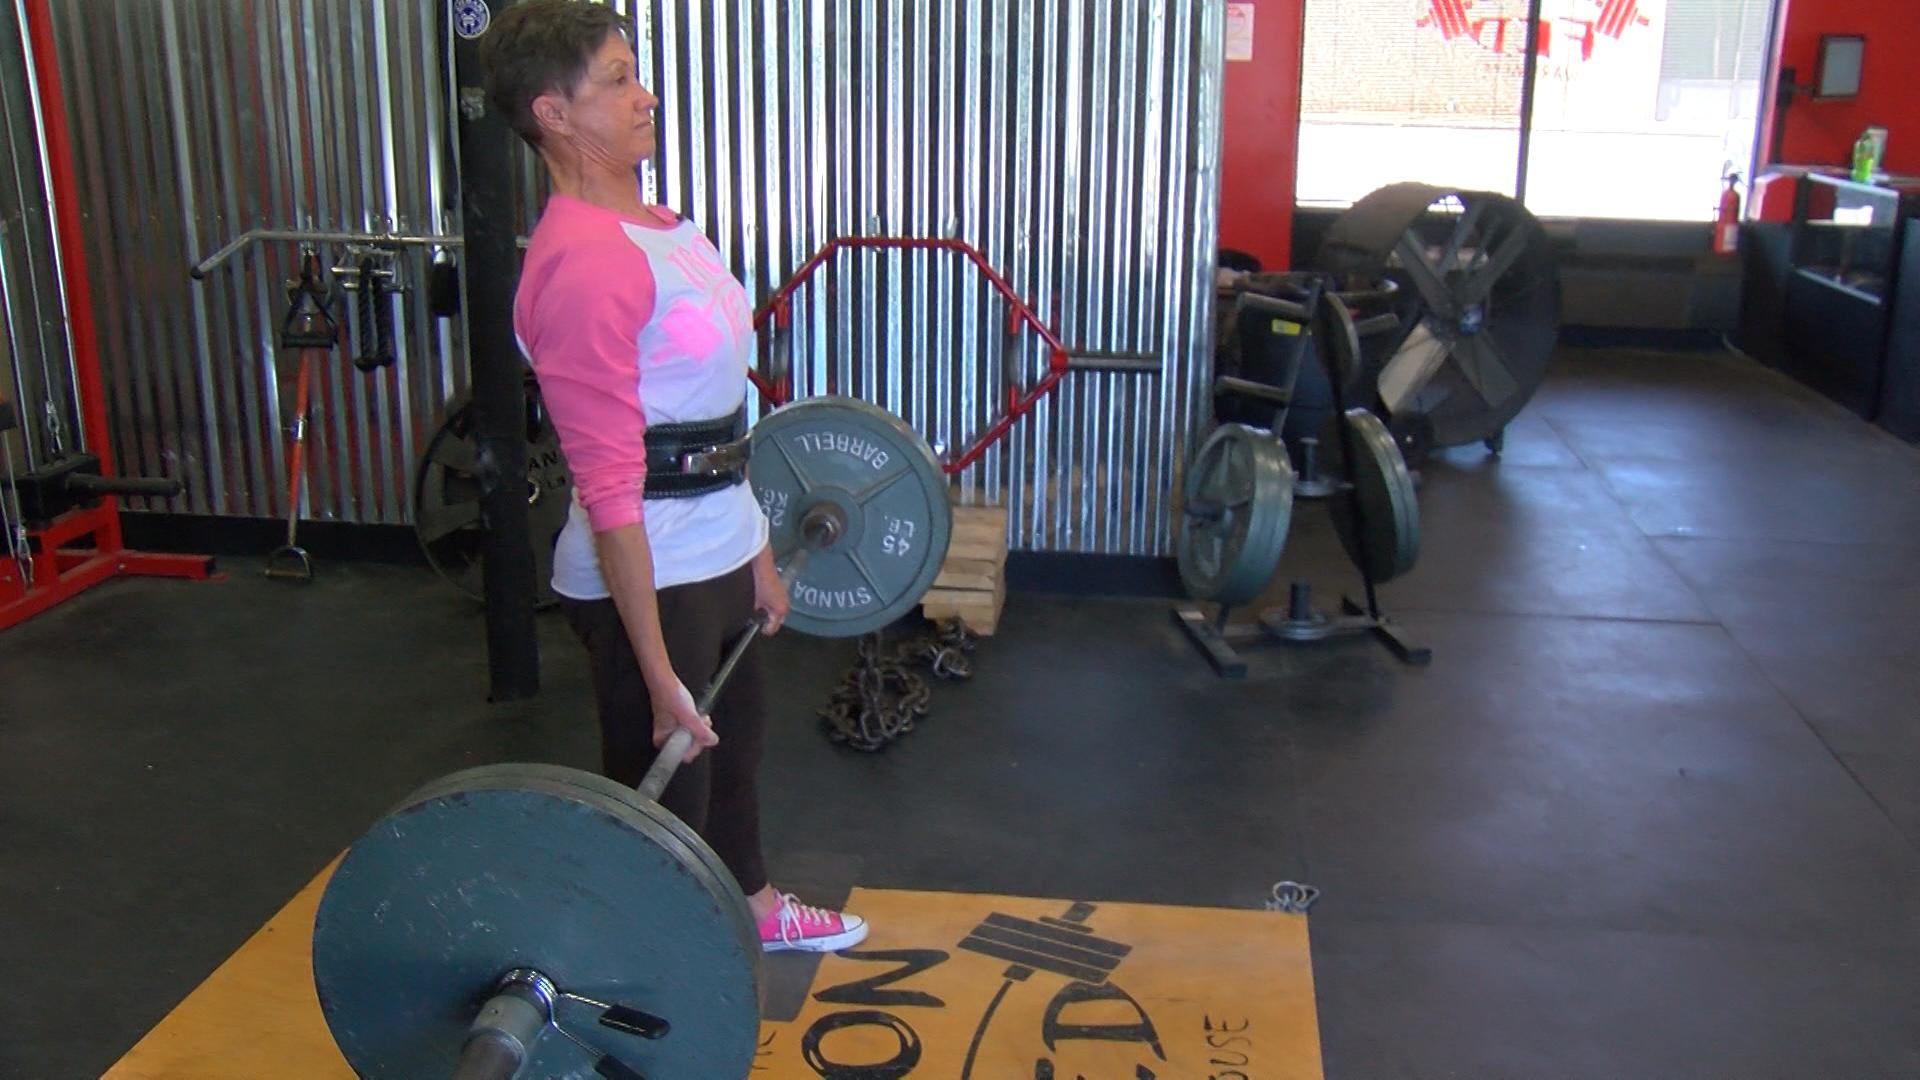 Granny Hulk', 69, finds motivation lifting 300+ pounds